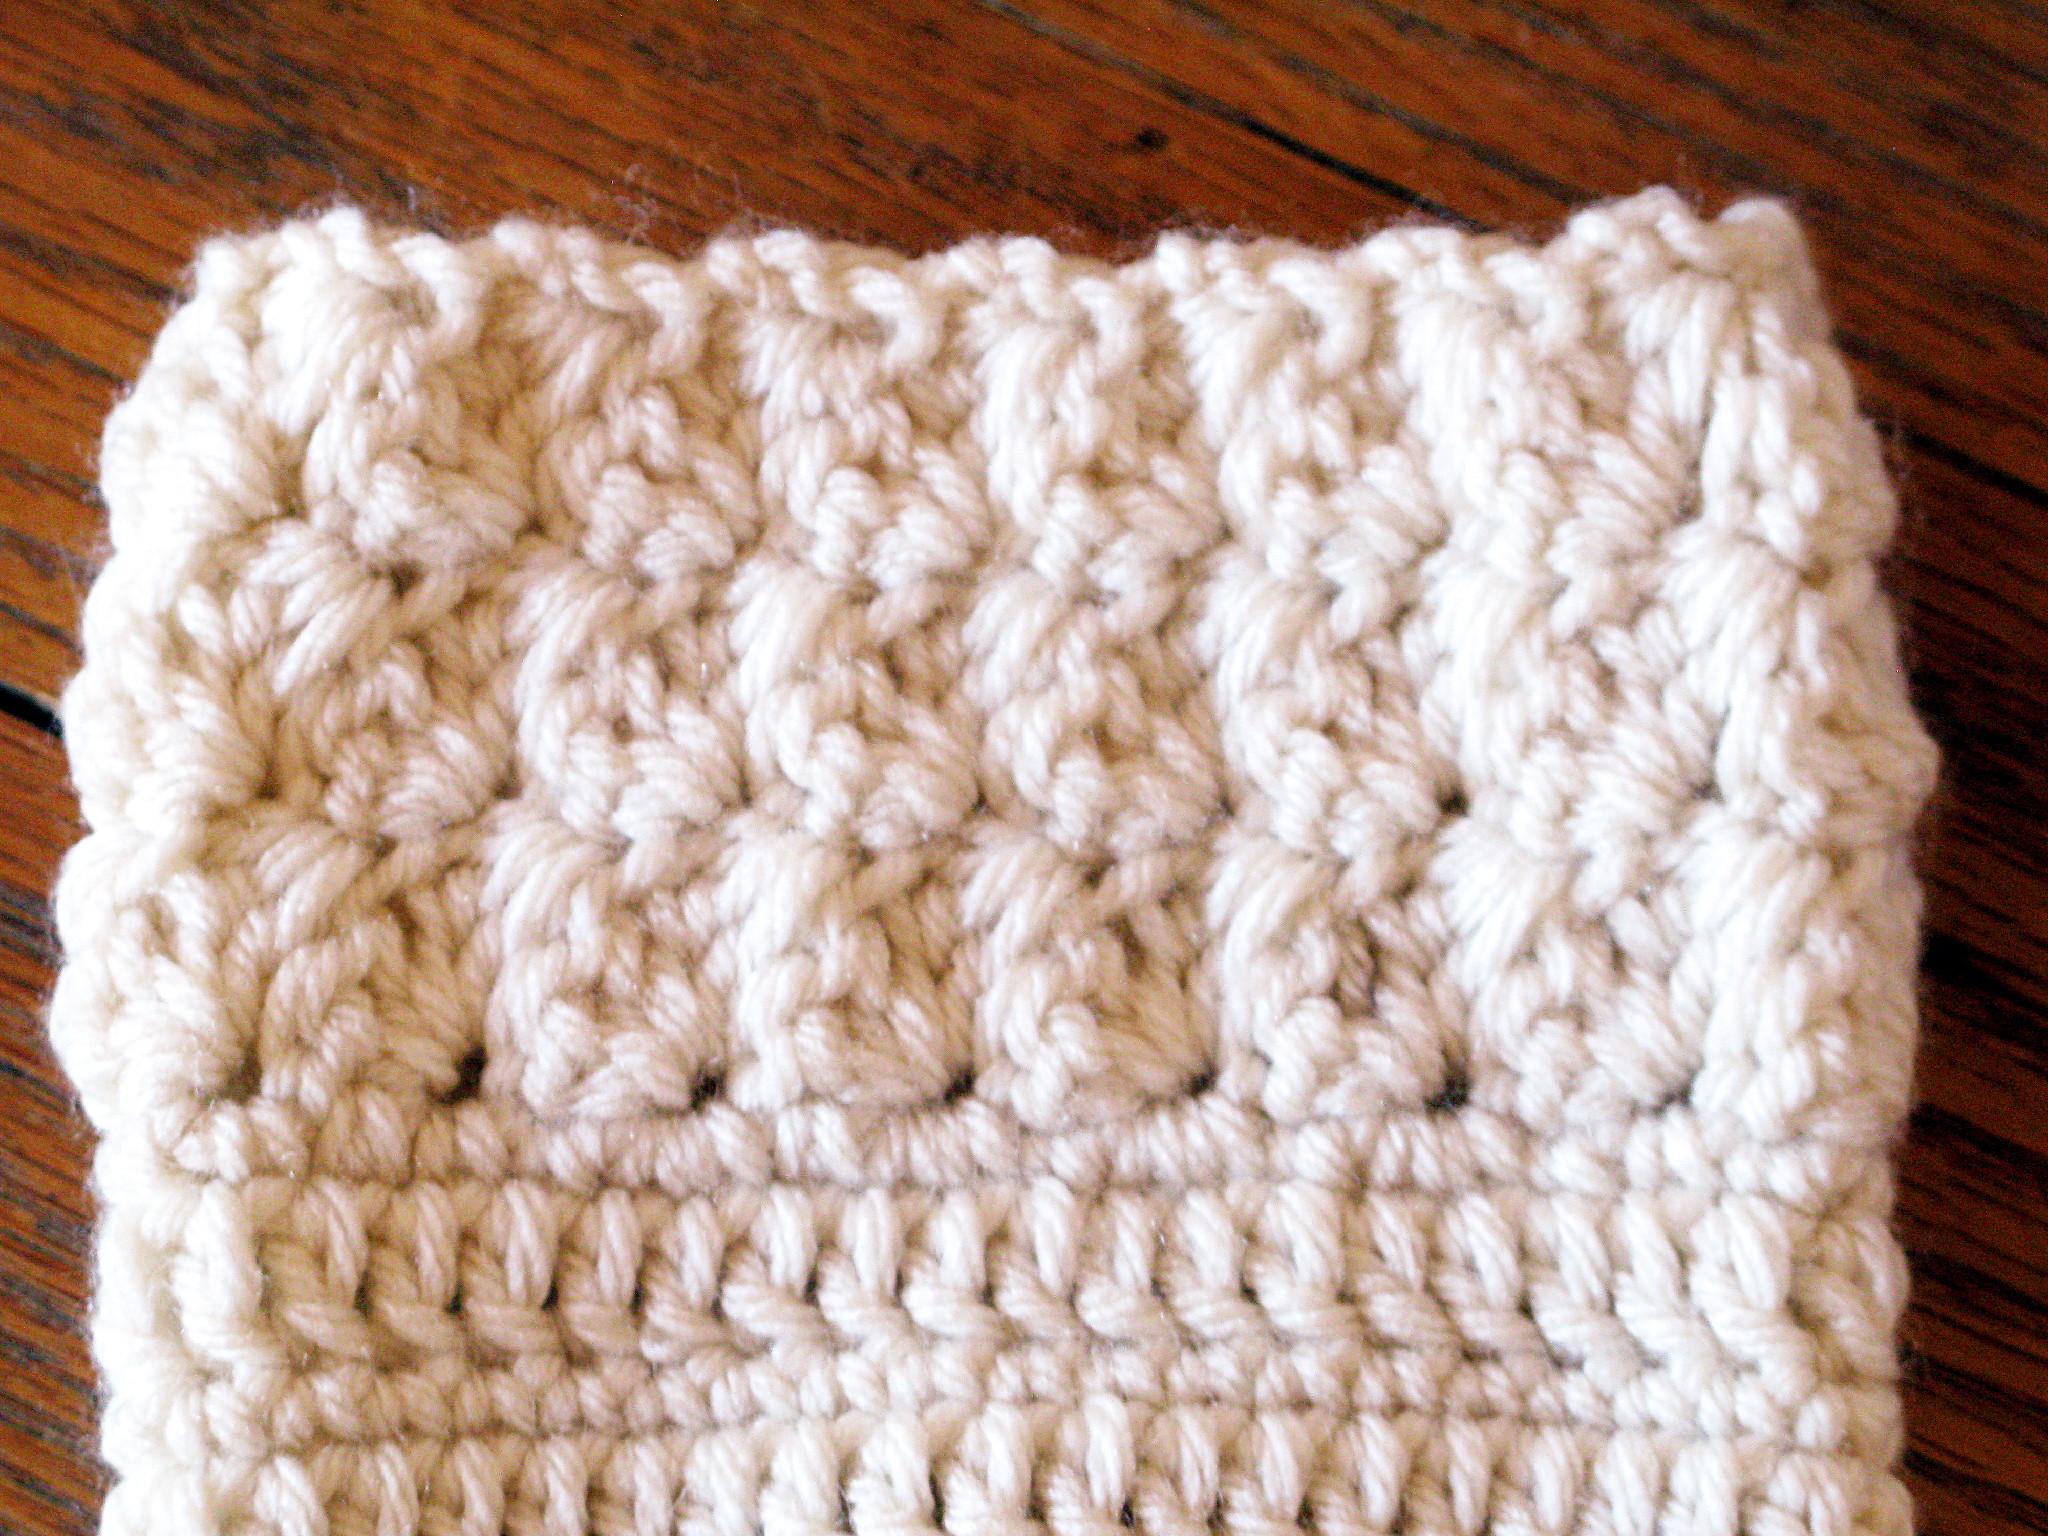 Brooklyn Boot Cuffs Free Crochet Pattern : Crochet Dreamz Brooklyn Boot Cuffs Free Crochet Pattern ...